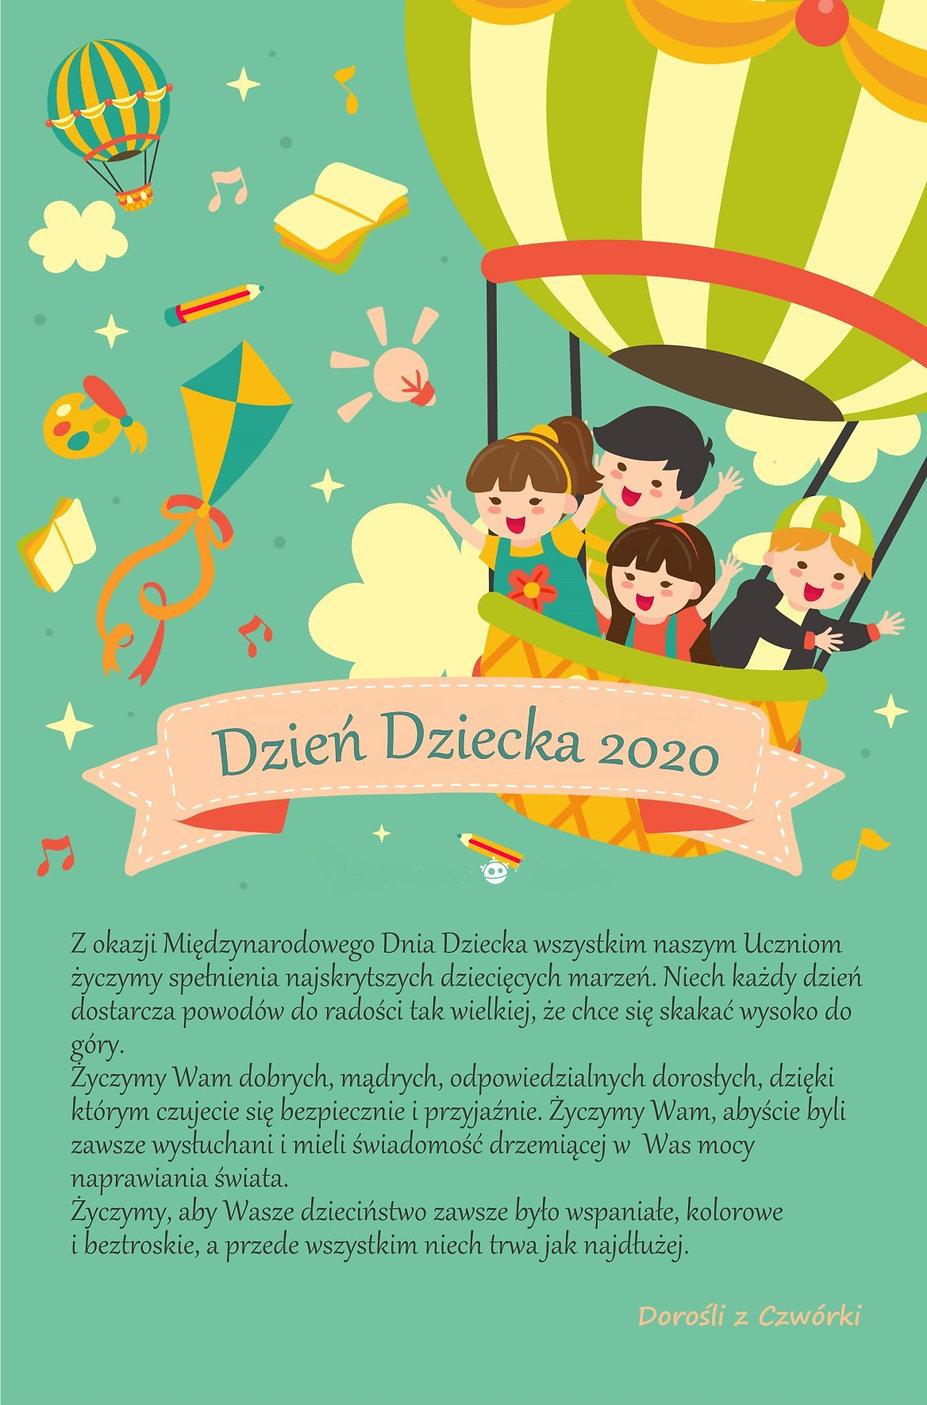 DzDz2020.JPG